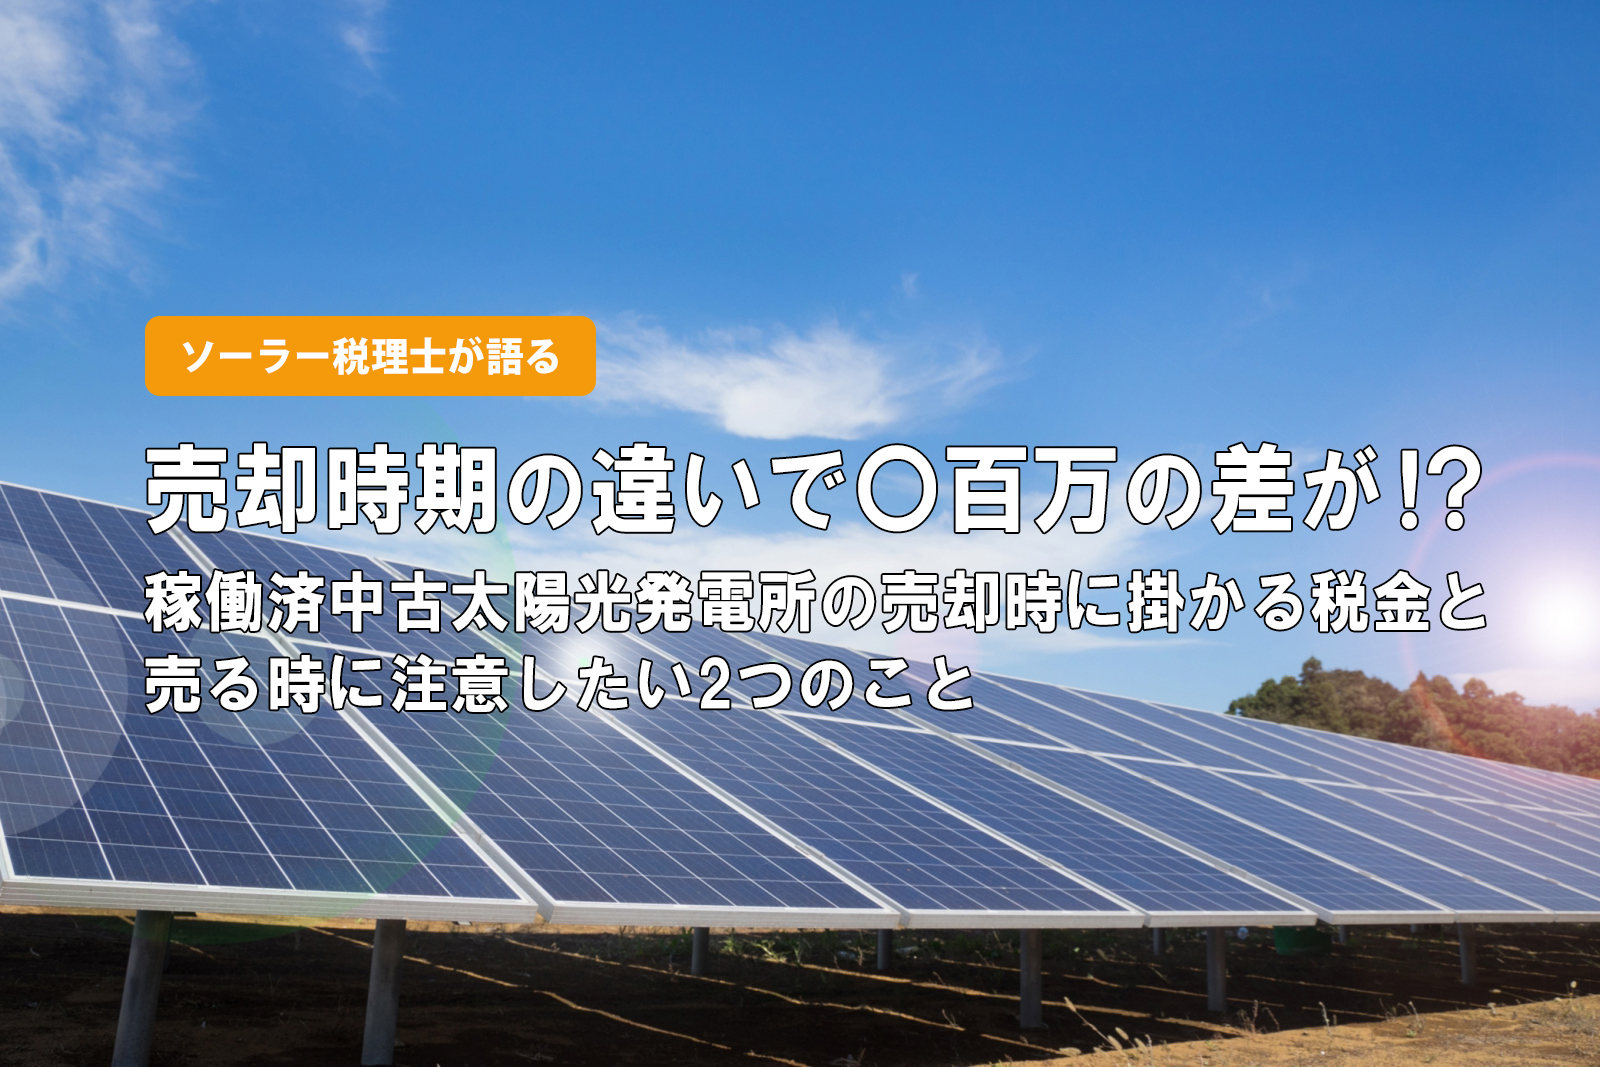 【ソーラー税理士が語る】売却時期の違いで〇百万の差が!?稼働済中古太陽光発電所の売却時に掛かる税金と売る時に注意したい2つのこと